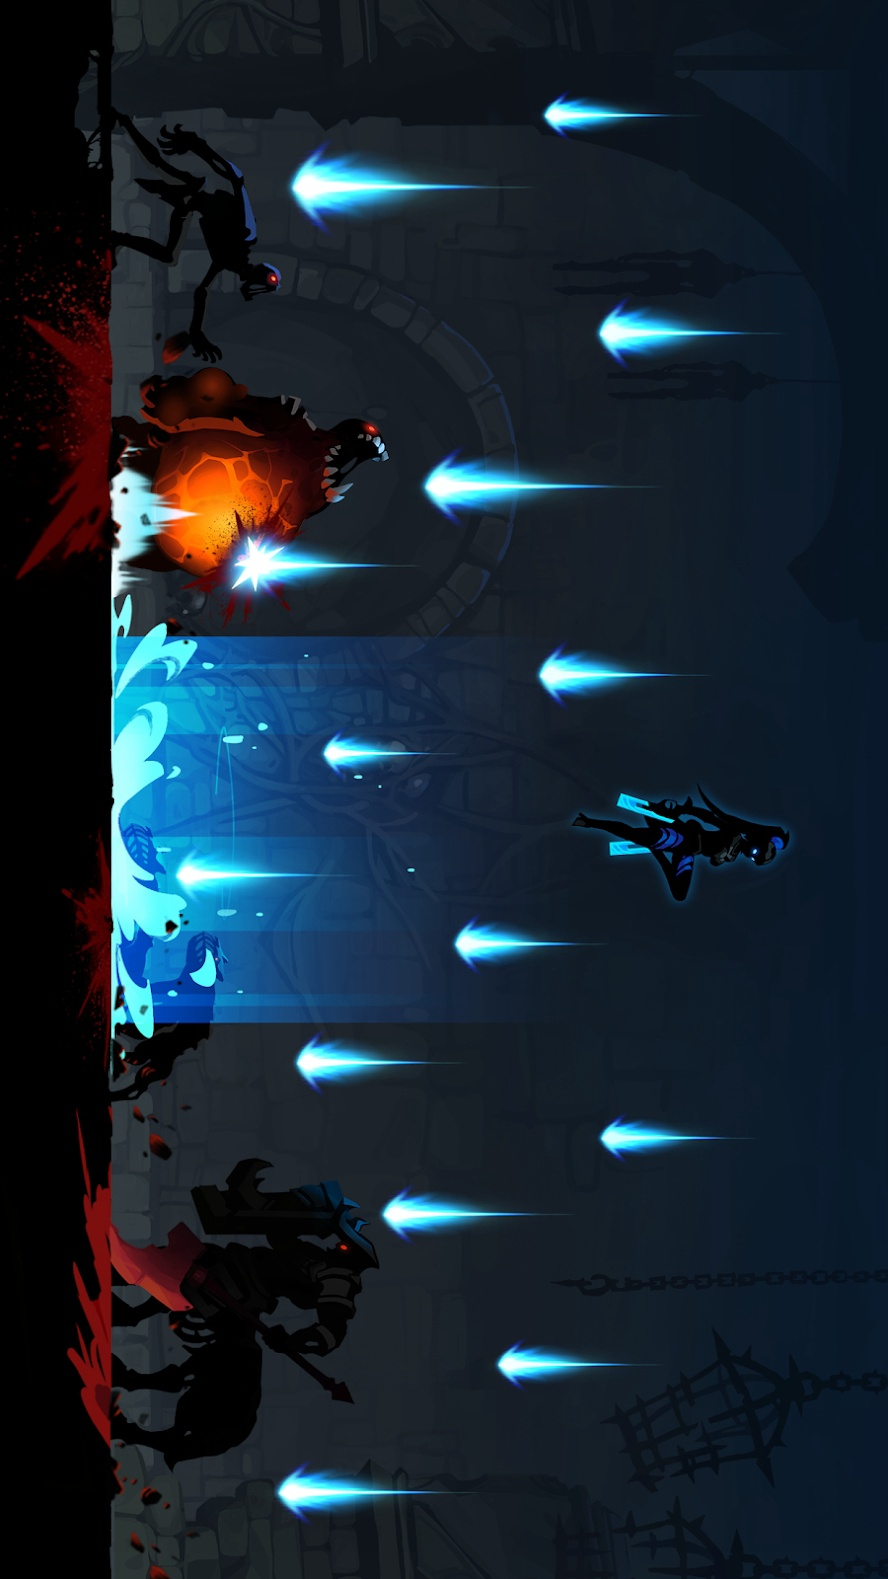 暗影骑士:传奇时代游戏截图